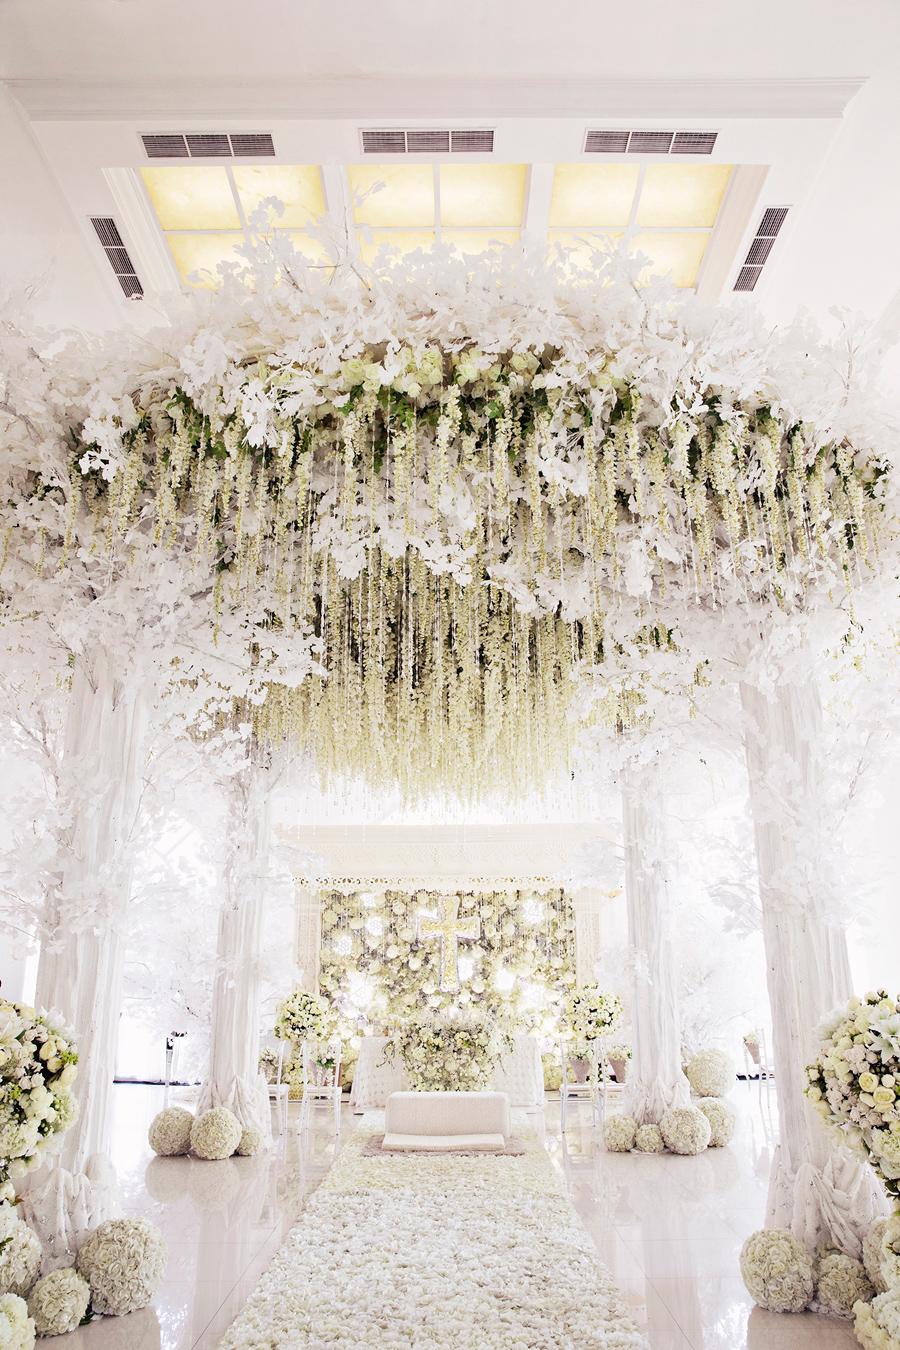 axioo-rocky-merlin-wedding-surabaya-29